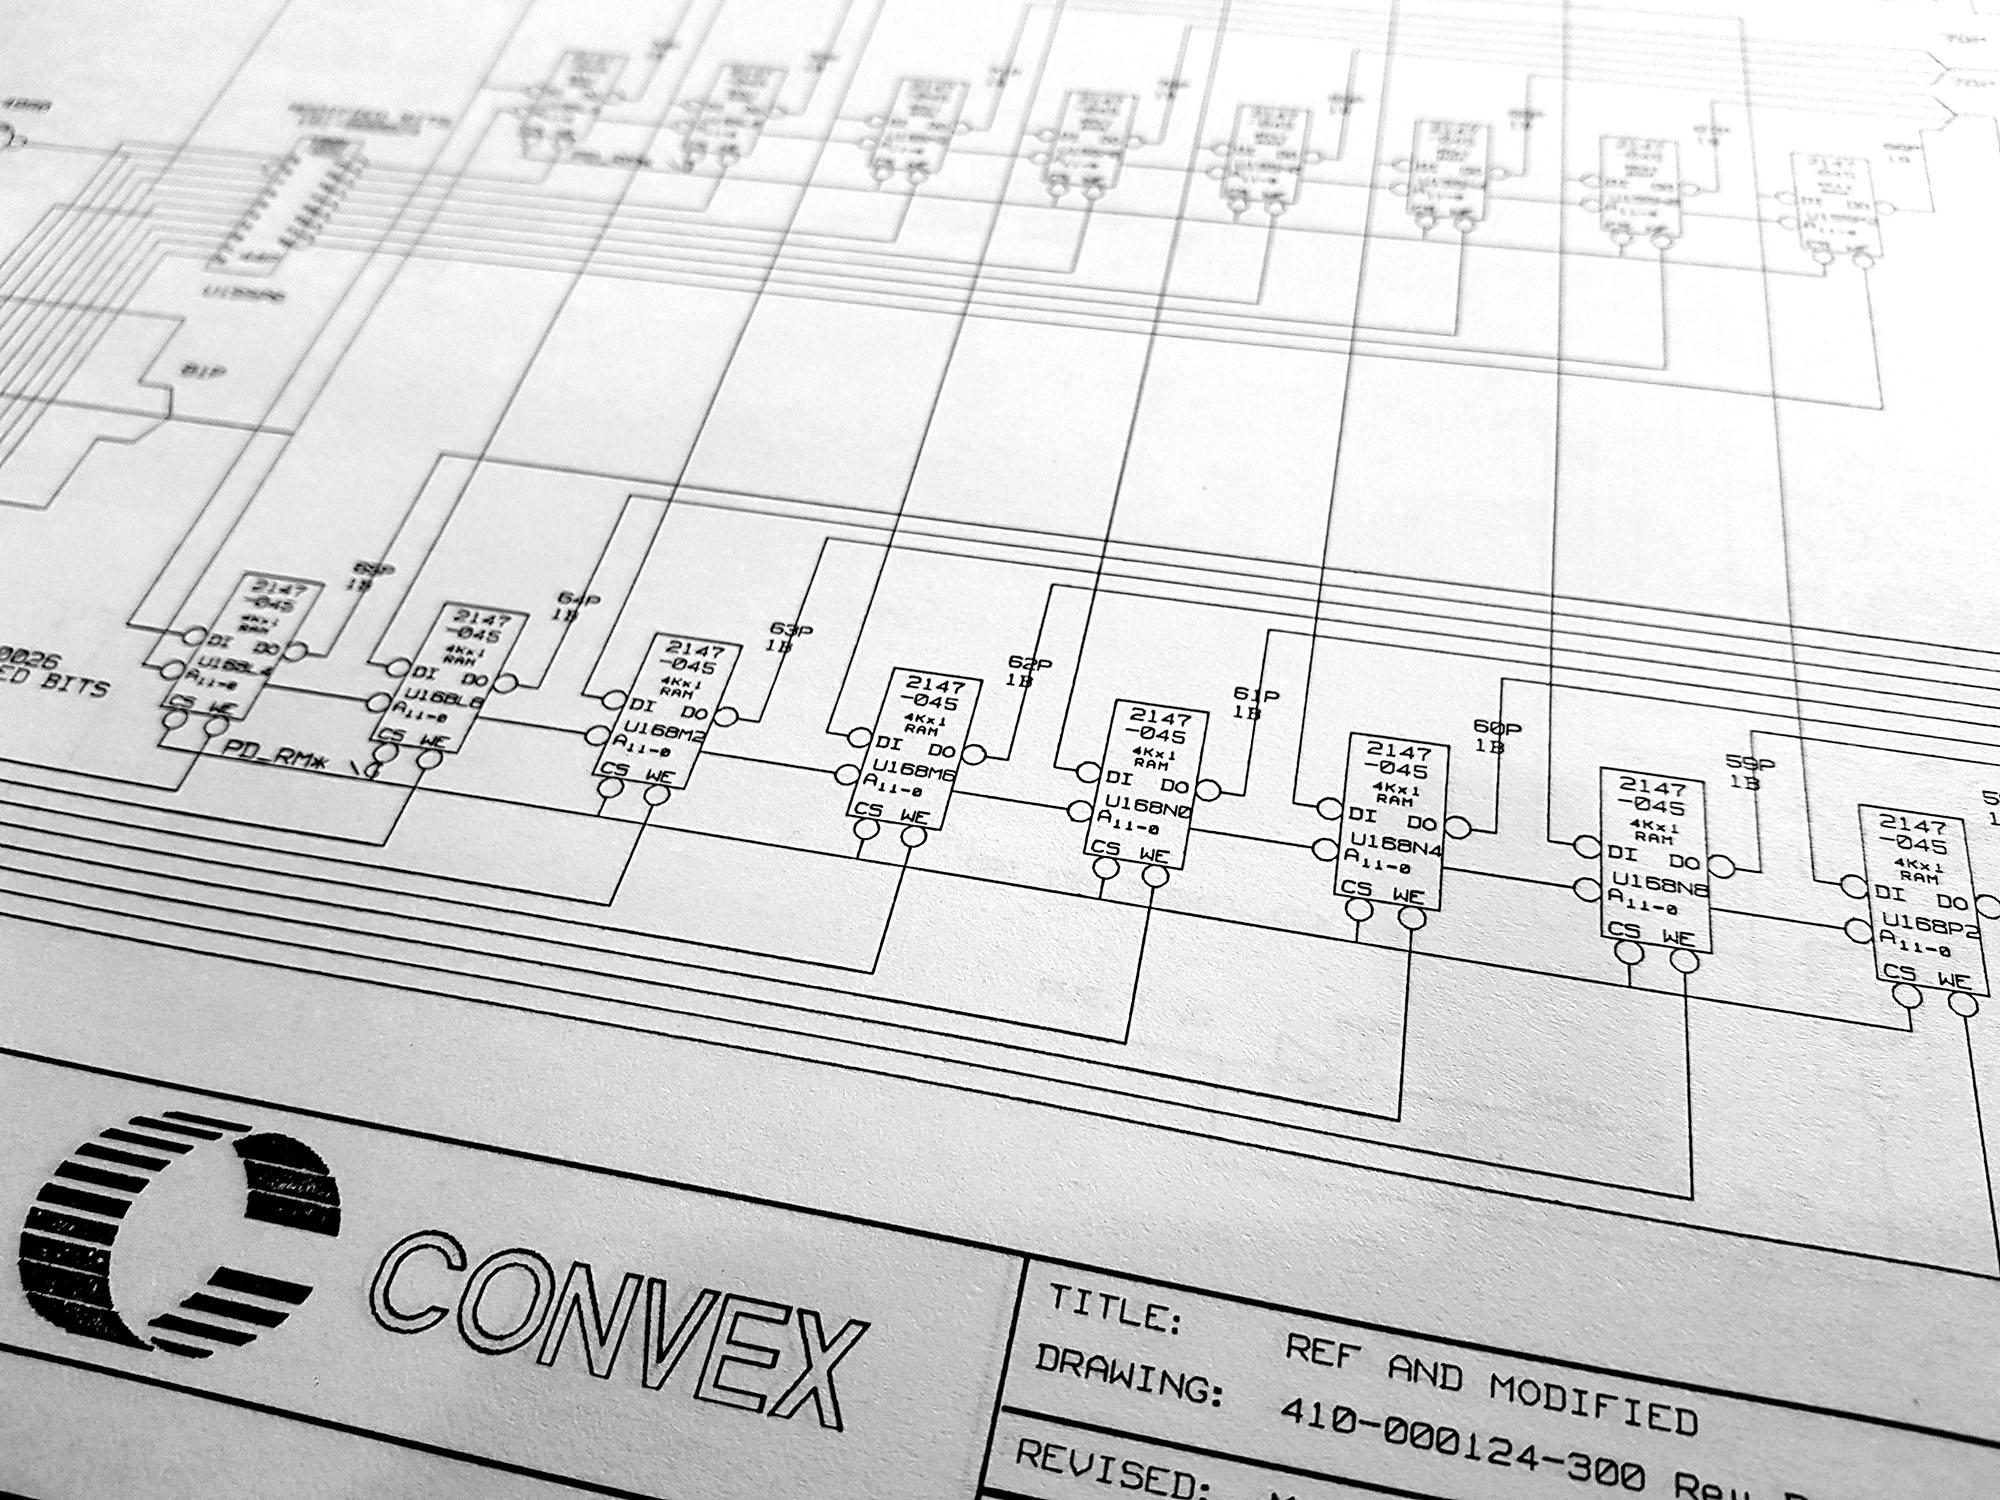 Convex C1 Schematics Online - VAXBARN